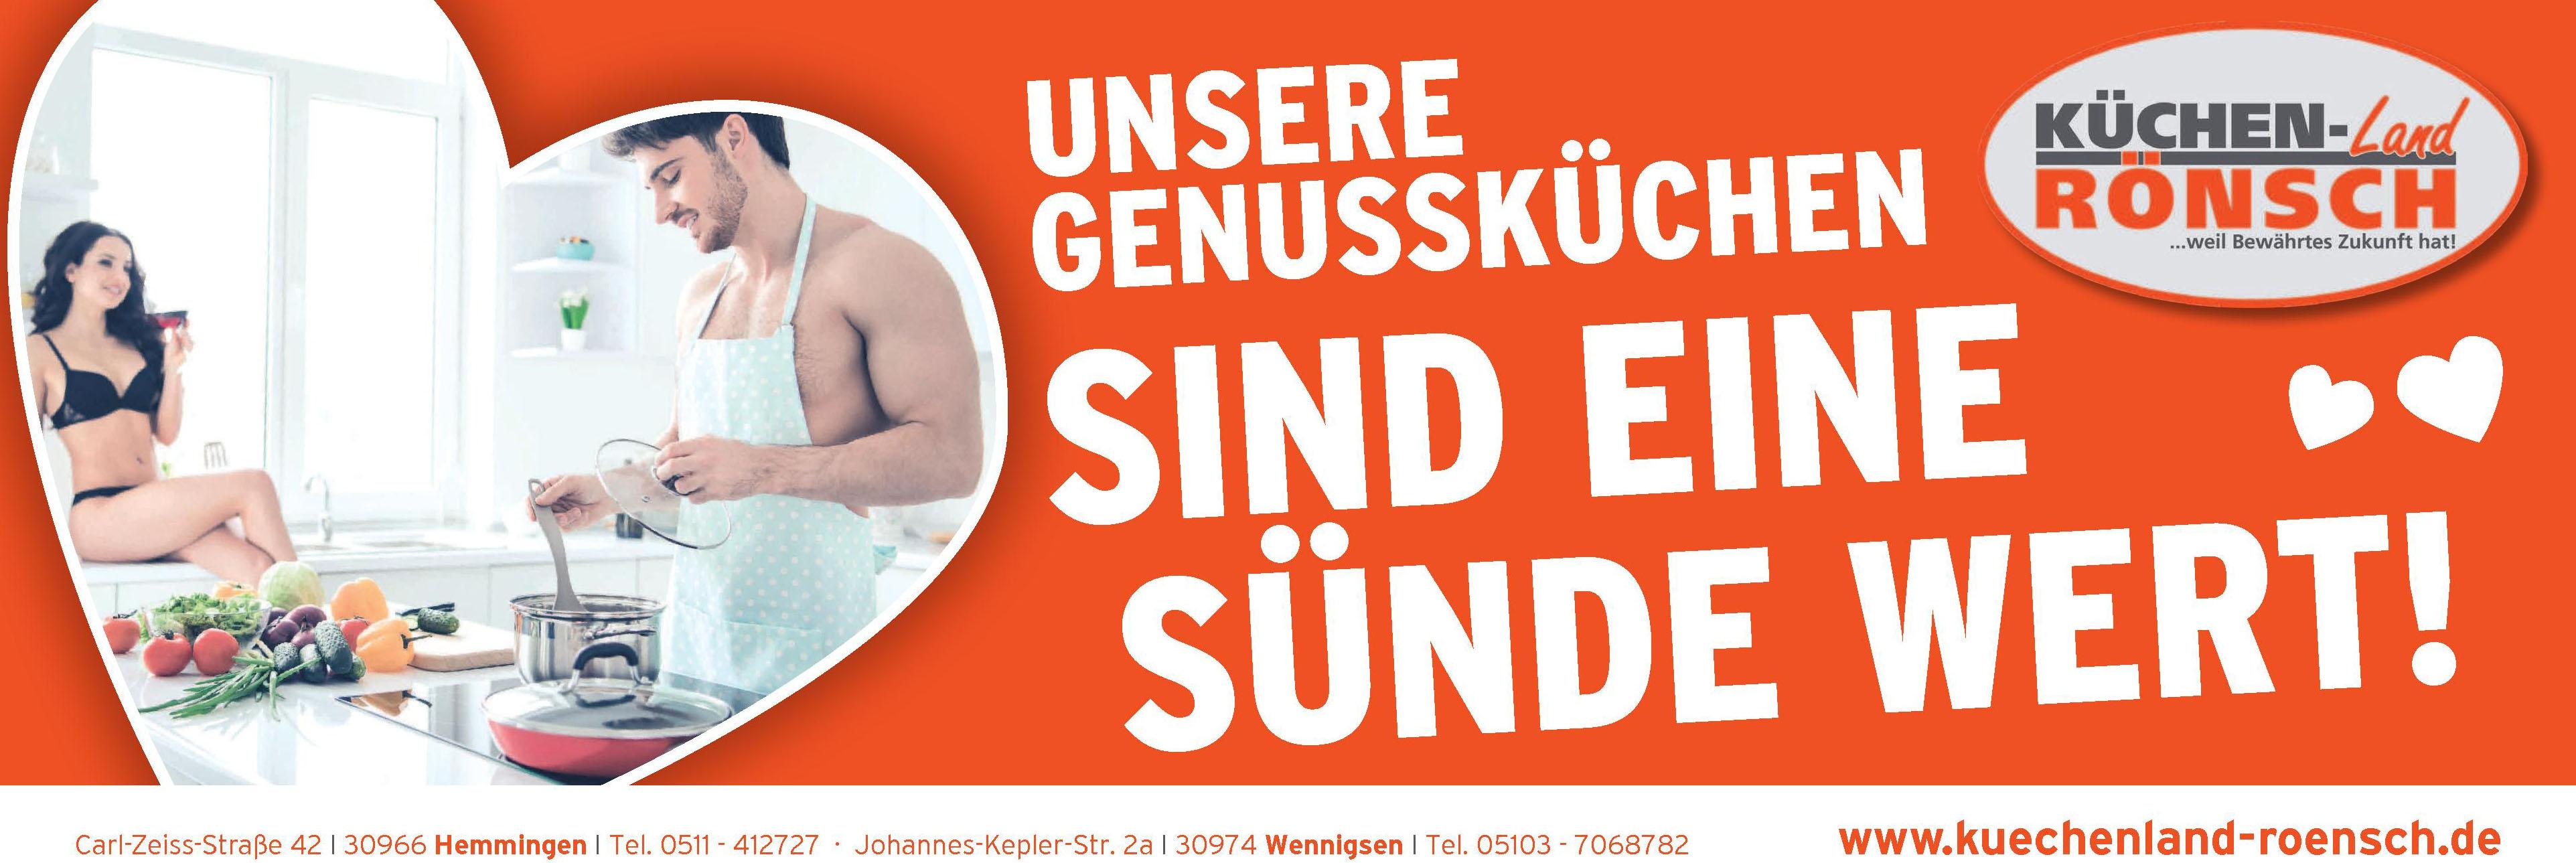 Küchenland Rönsch GmbH & Co.KG